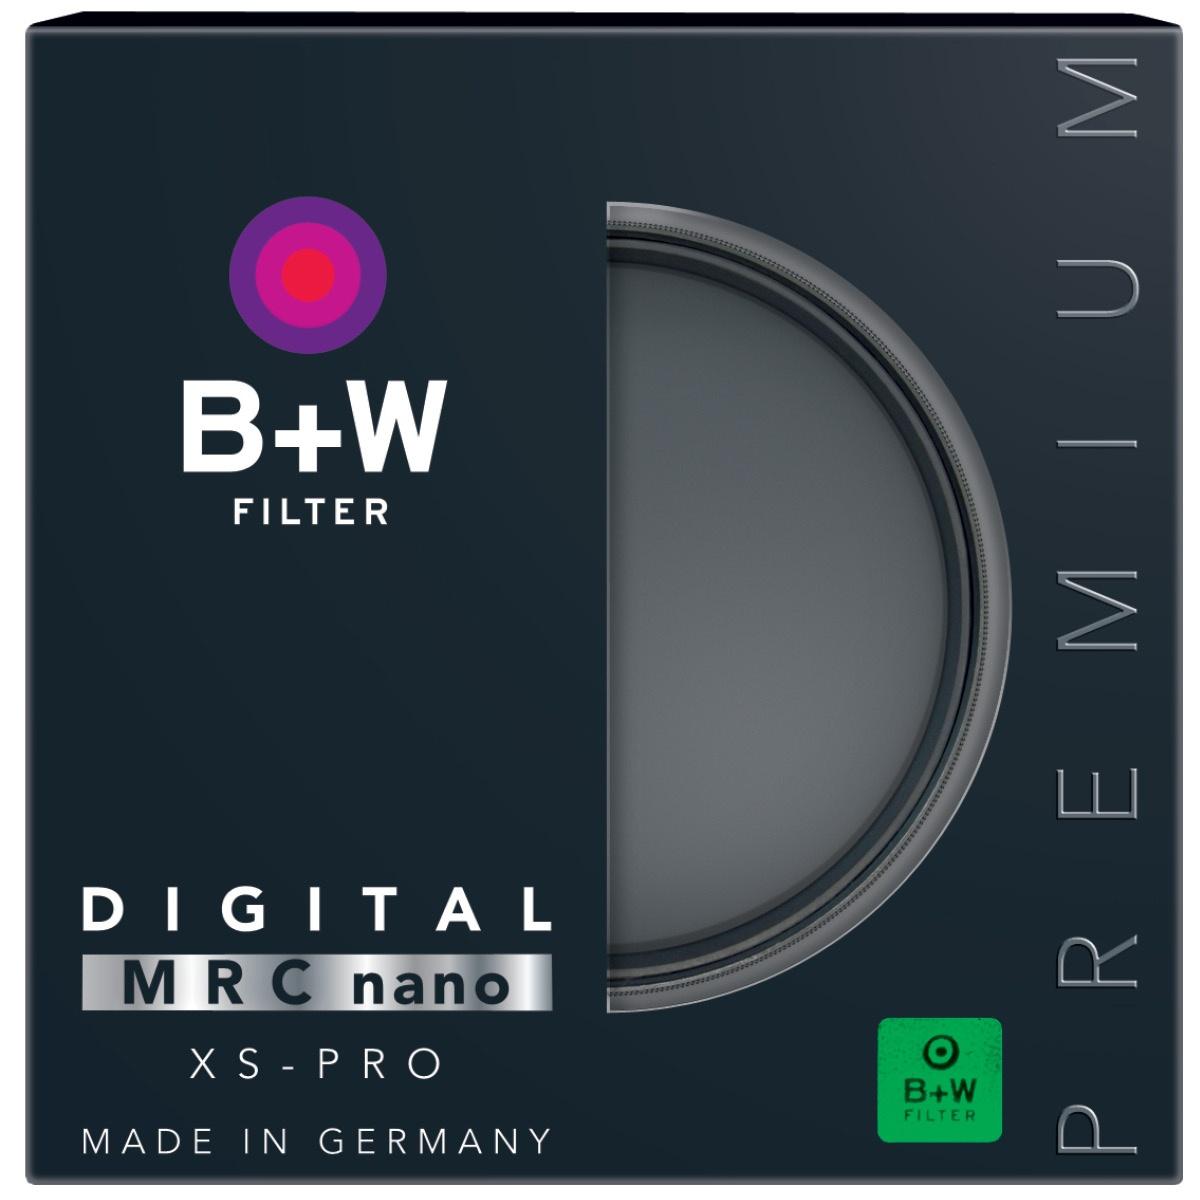 B+W Clear Filter 43 mm XS-Pro